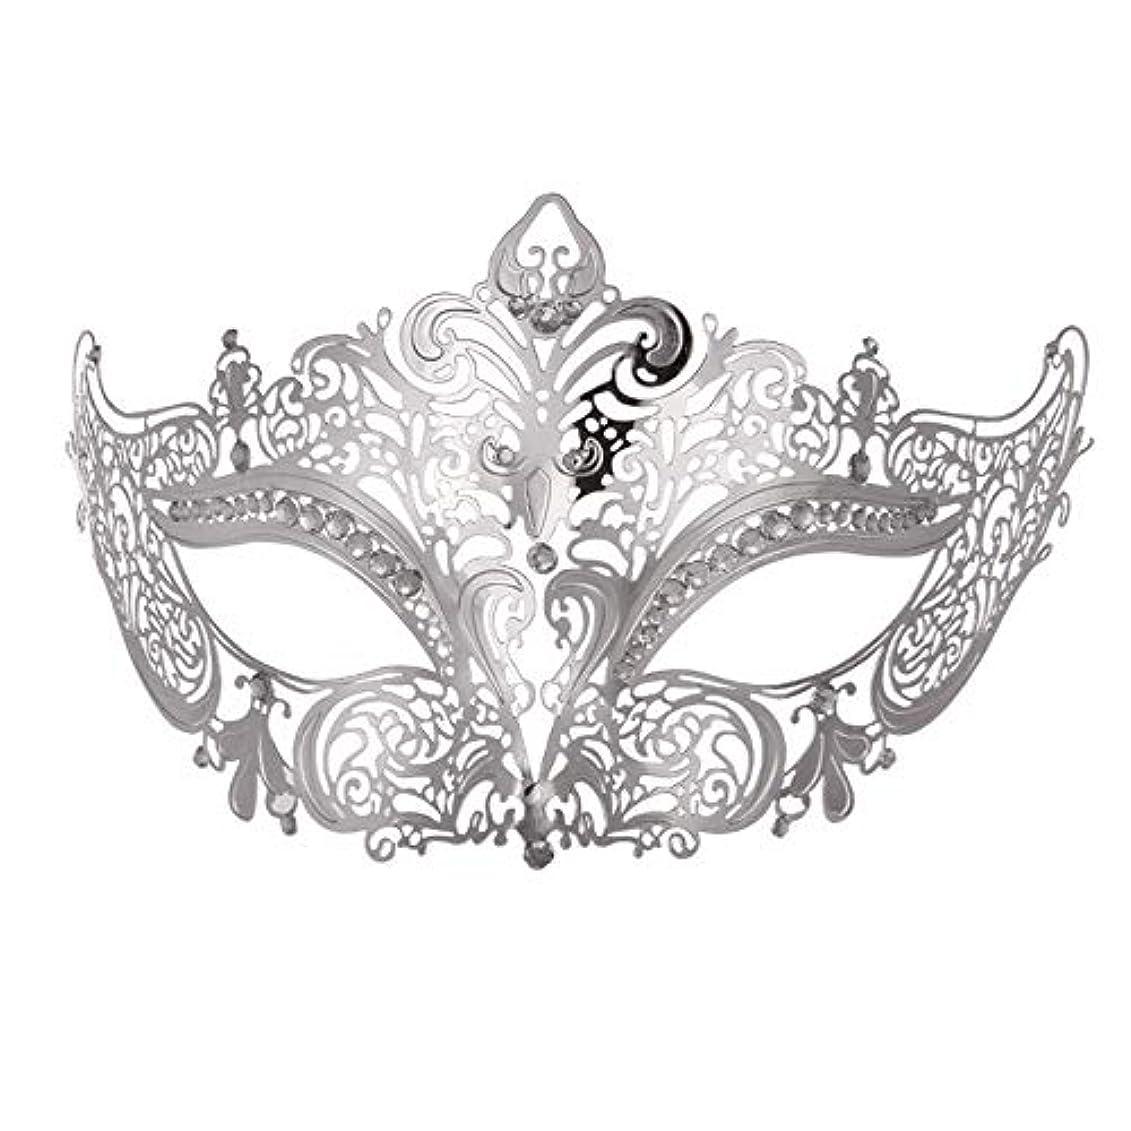 顕現推測する地下鉄ダンスマスク 高級金メッキ銀マスク仮装小道具ロールプレイングナイトクラブパーティーマスク ホリデーパーティー用品 (色 : 銀, サイズ : Universal)